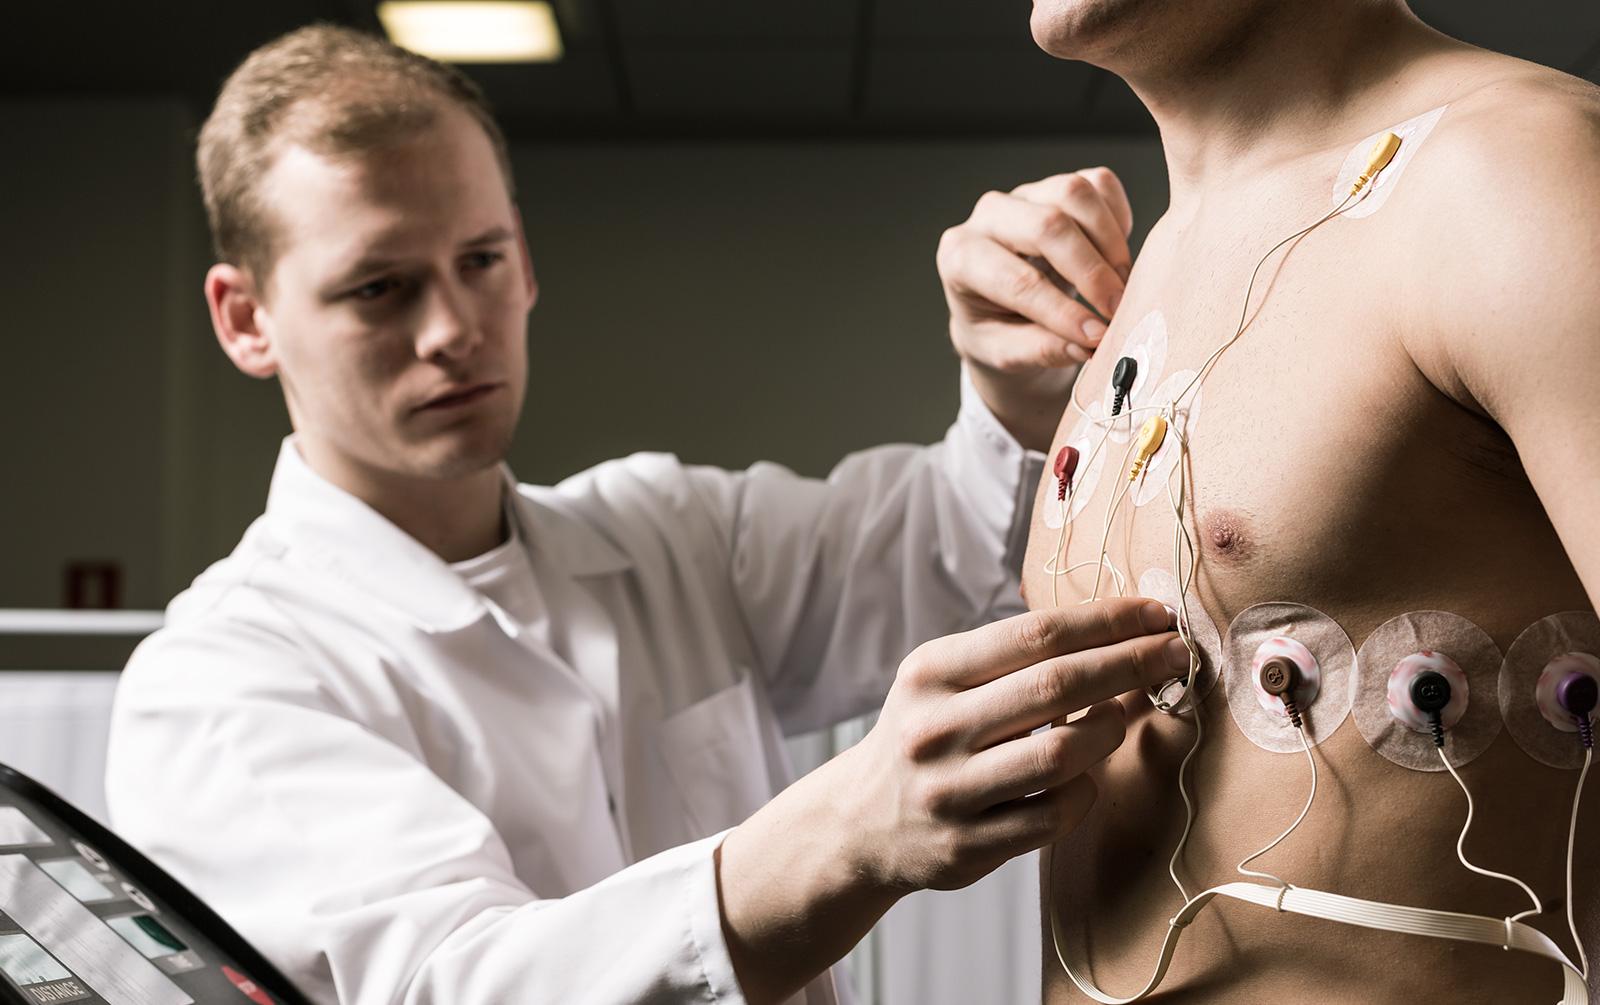 Qué es un electrocardiograma